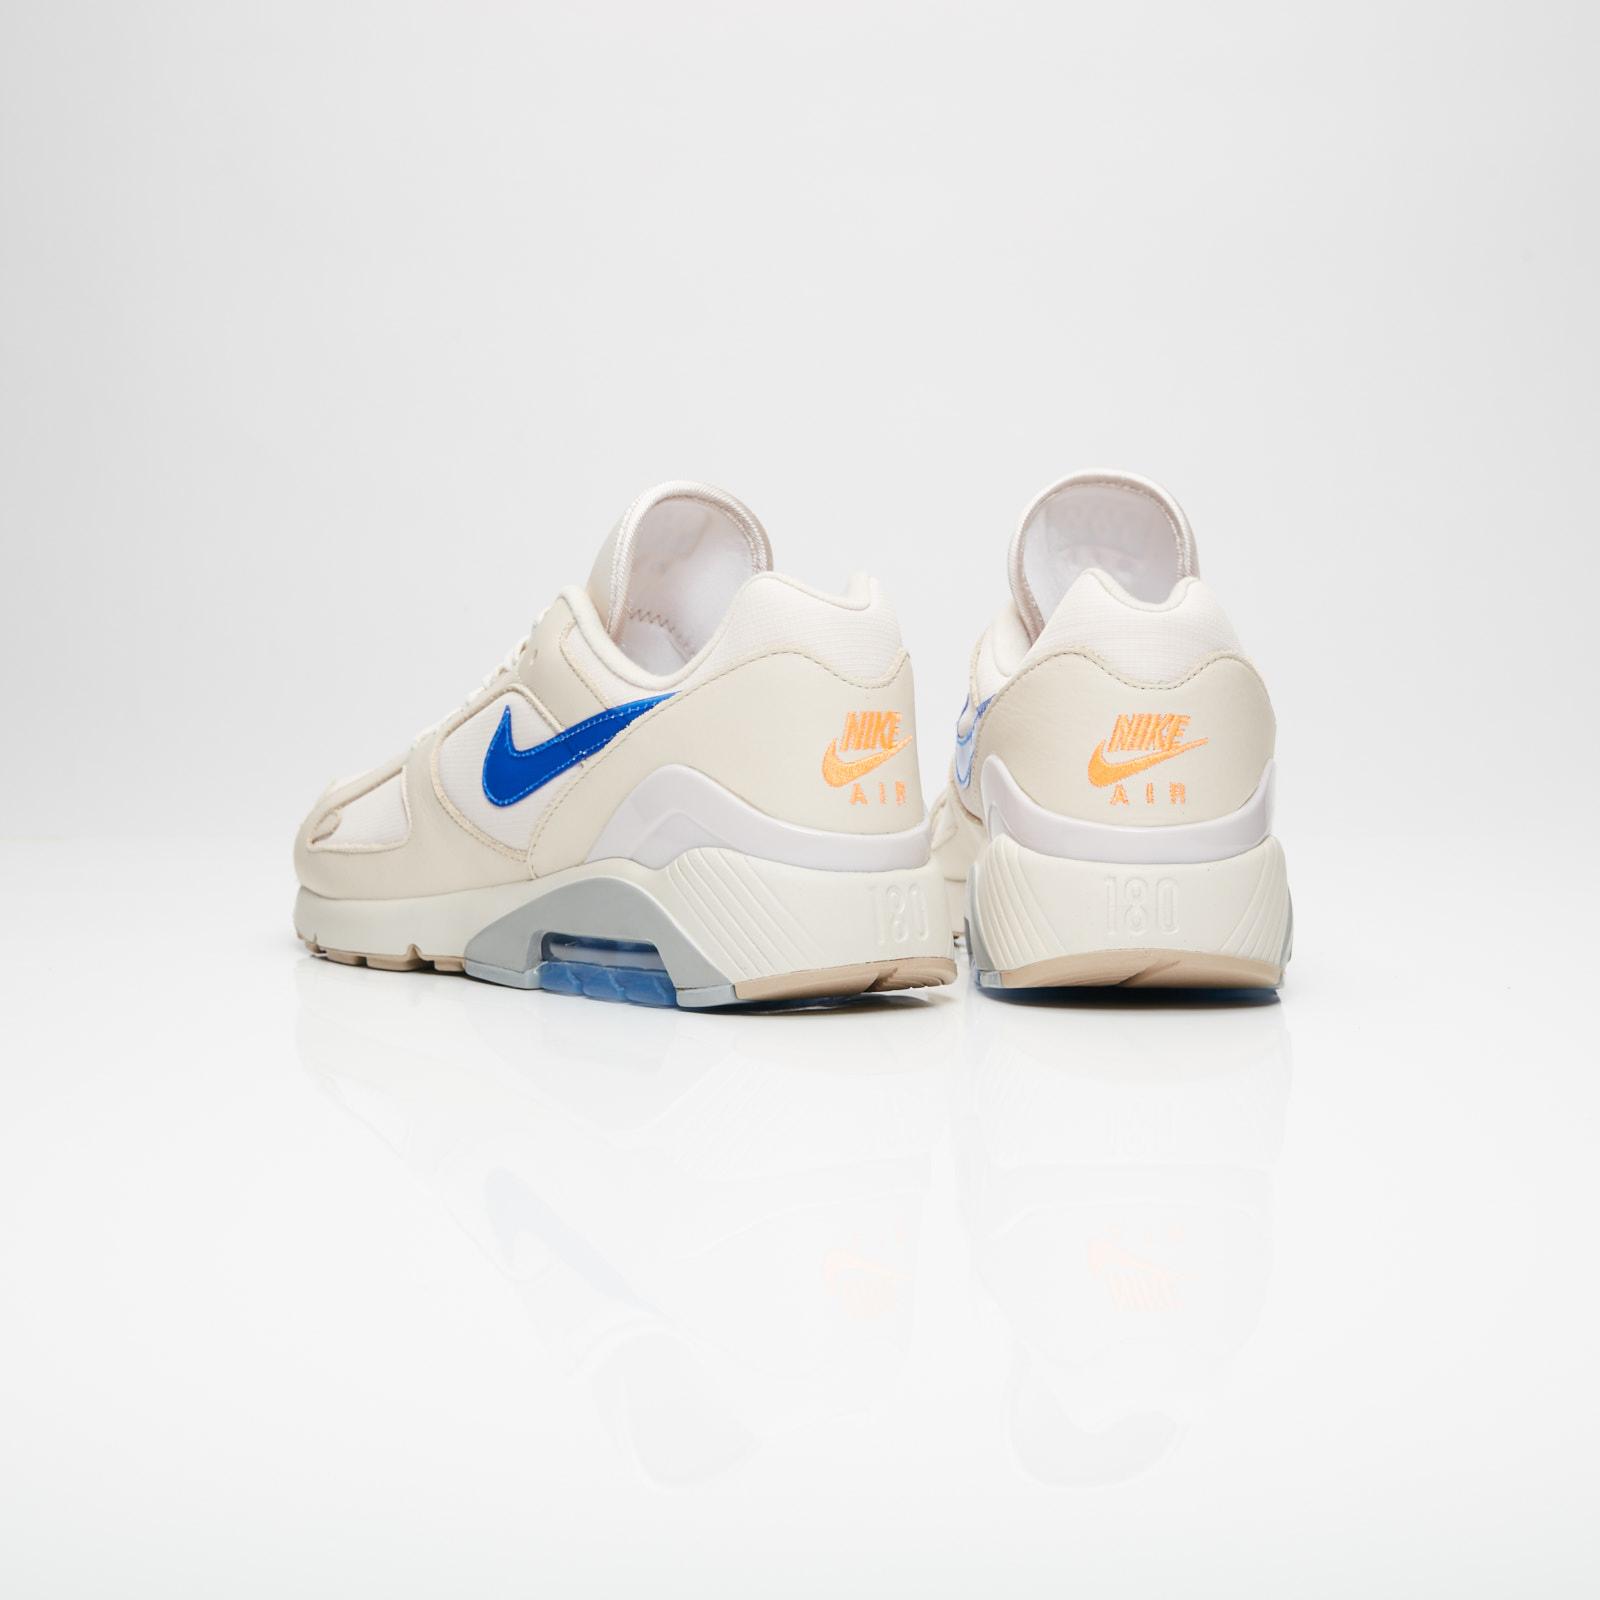 Nike Air Max 180 Desert SandRacer Blue Total Orange AQ9974